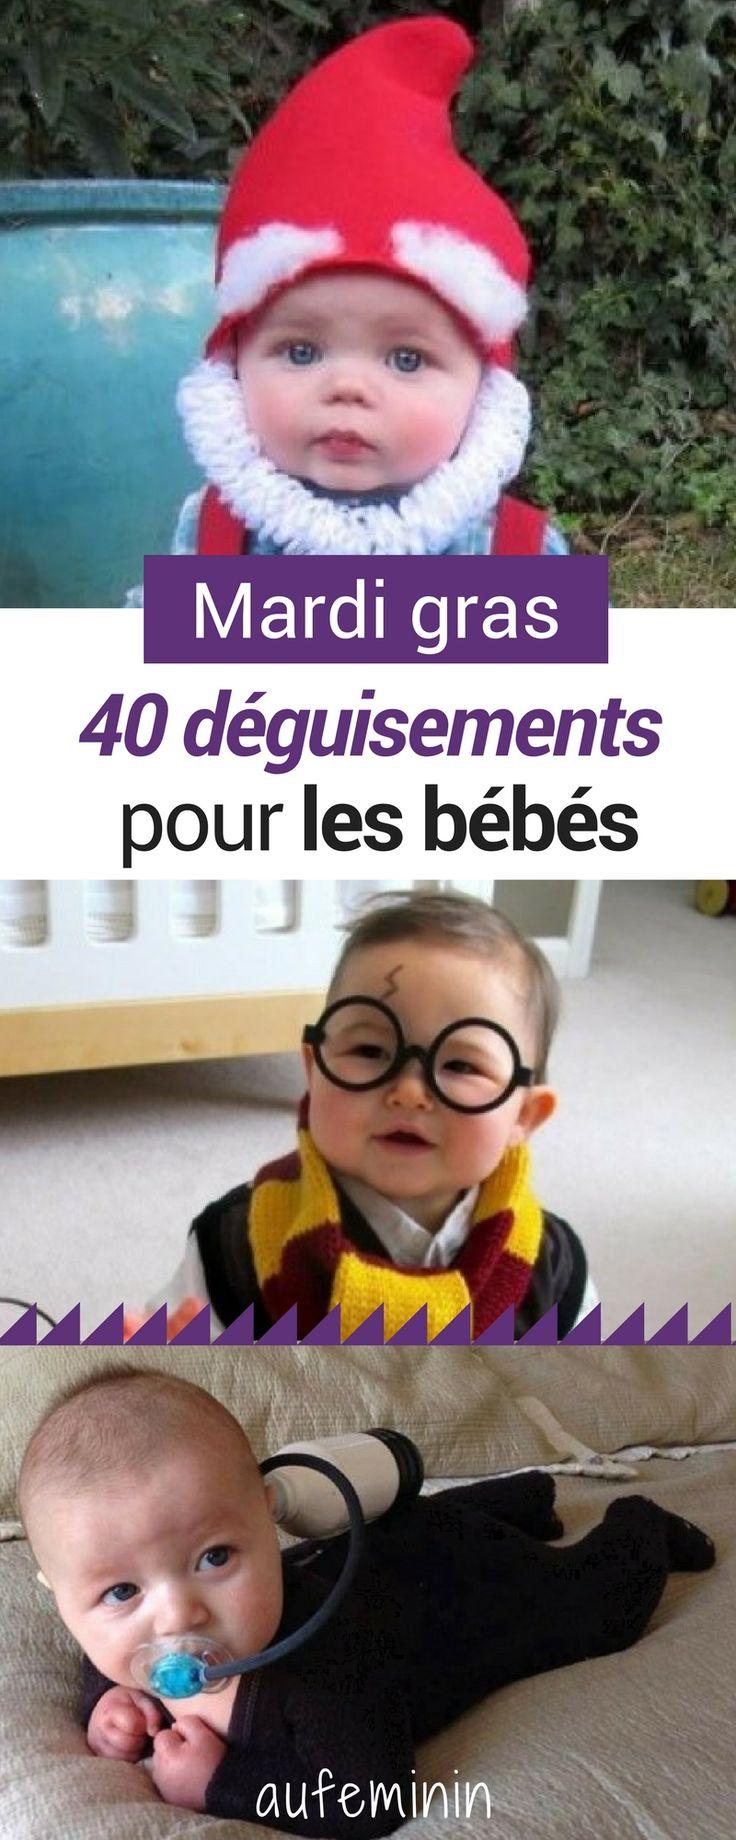 C'est mardi gras ! De Harry Potter au Mogwai, 40 déguisements totalement fous et originaux. #mardigras #déguisement #bébé #enfant #garçon #fille #original #micareme #halloween #drôle #aufeminin